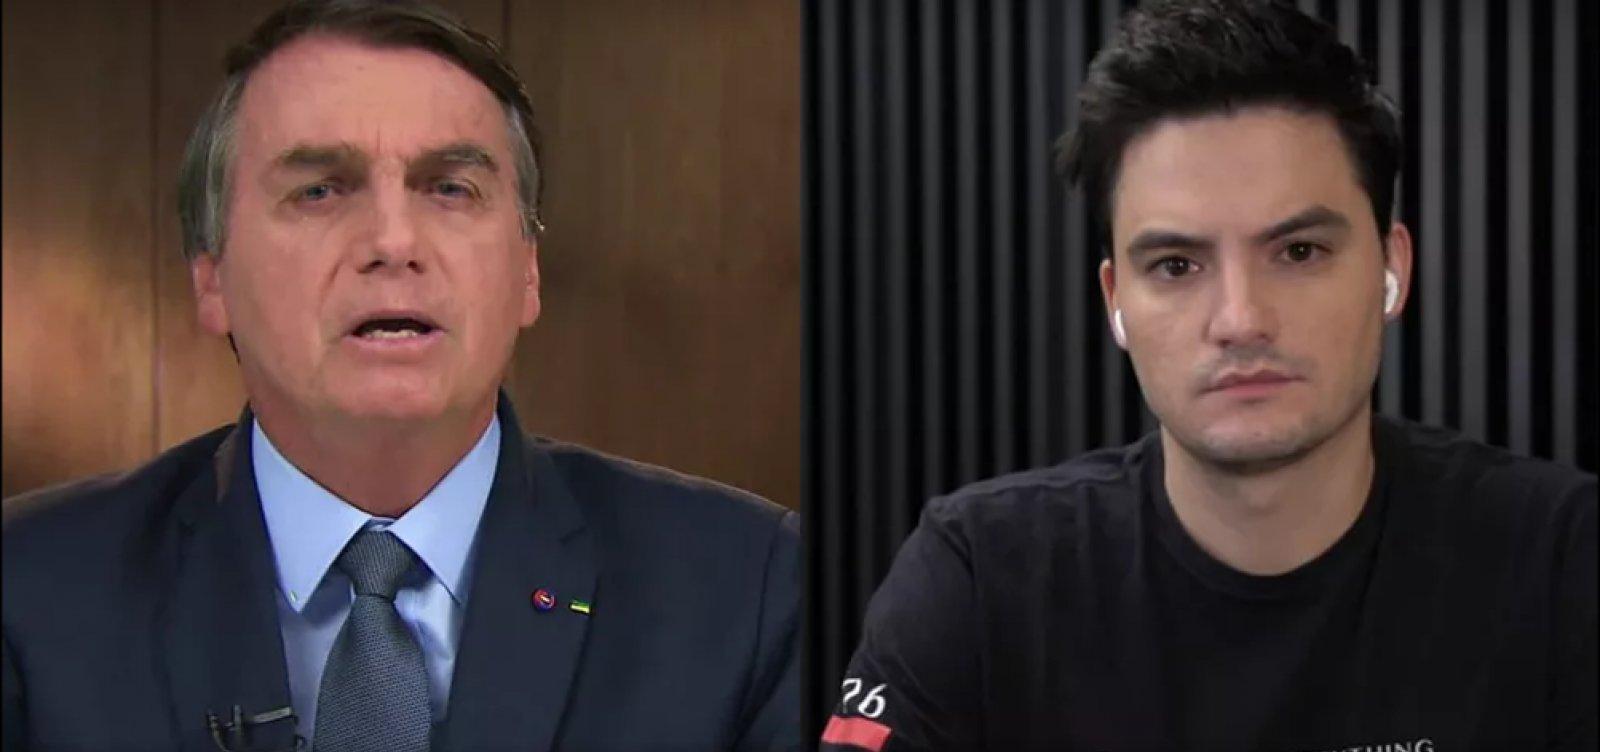 [Revista Time inclui Felipe Neto e Bolsonaro na lista de 100 mais influentes do mundo]